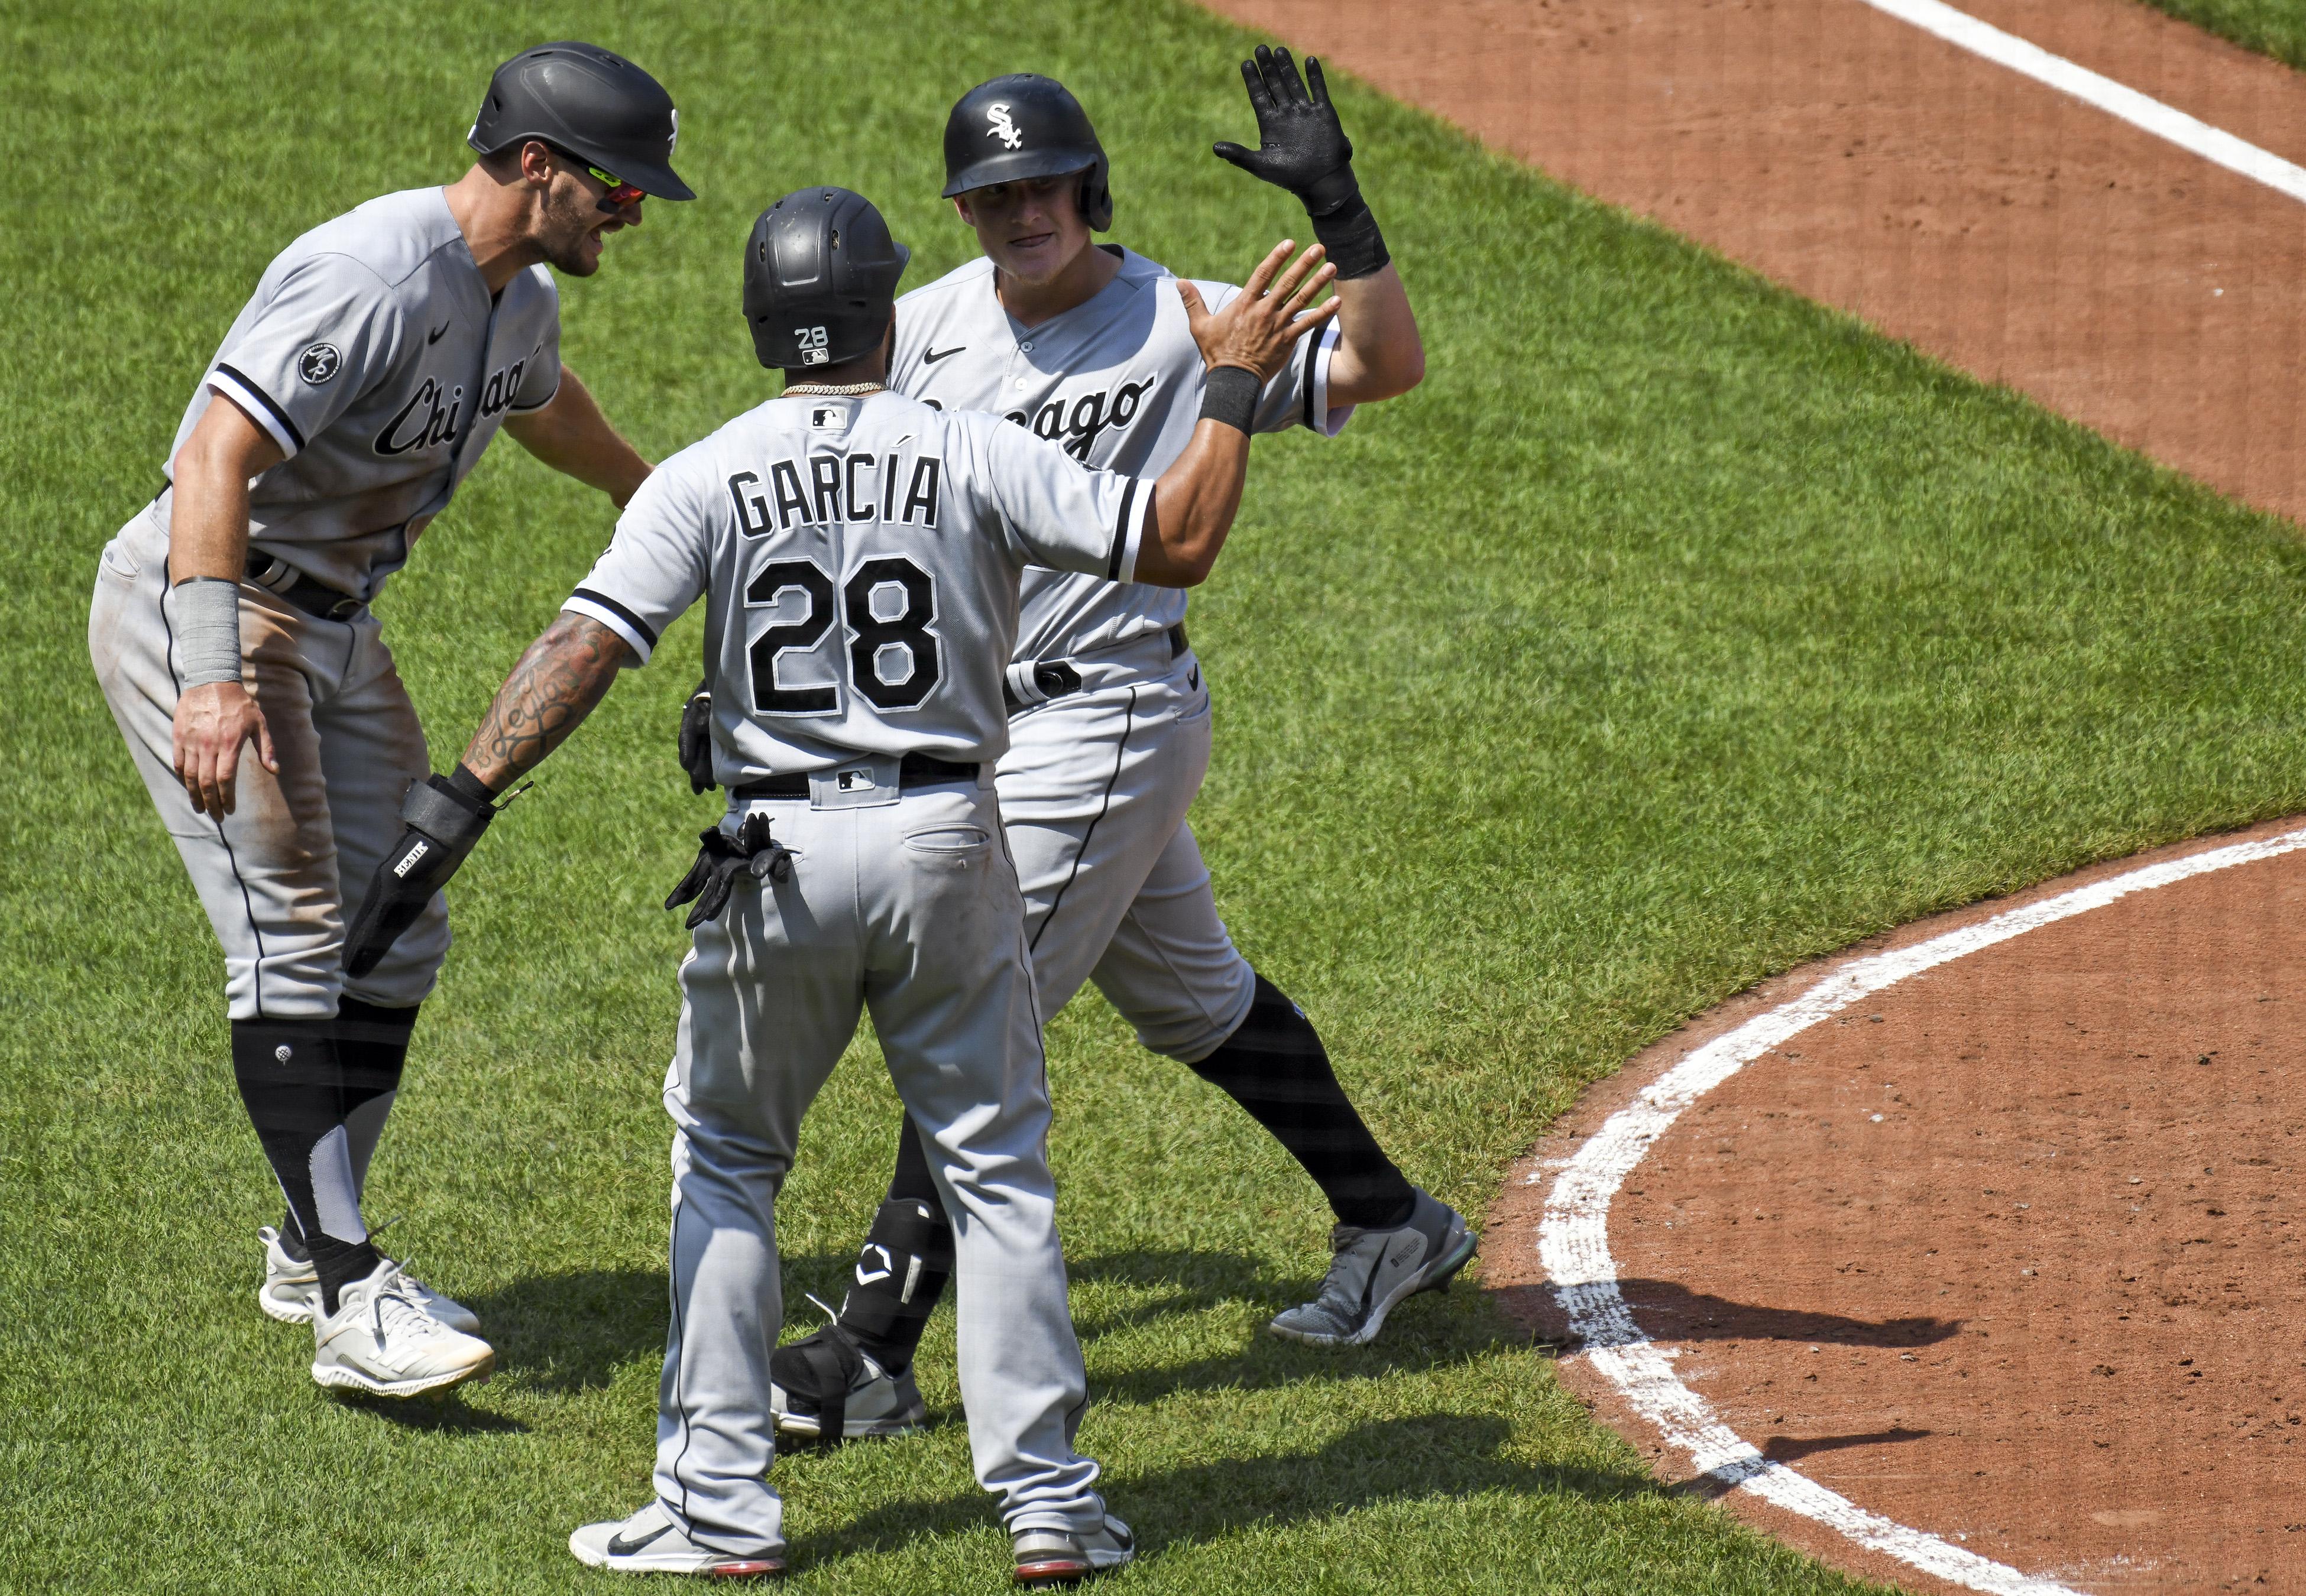 MLB: JUL 11 White Sox at Orioles